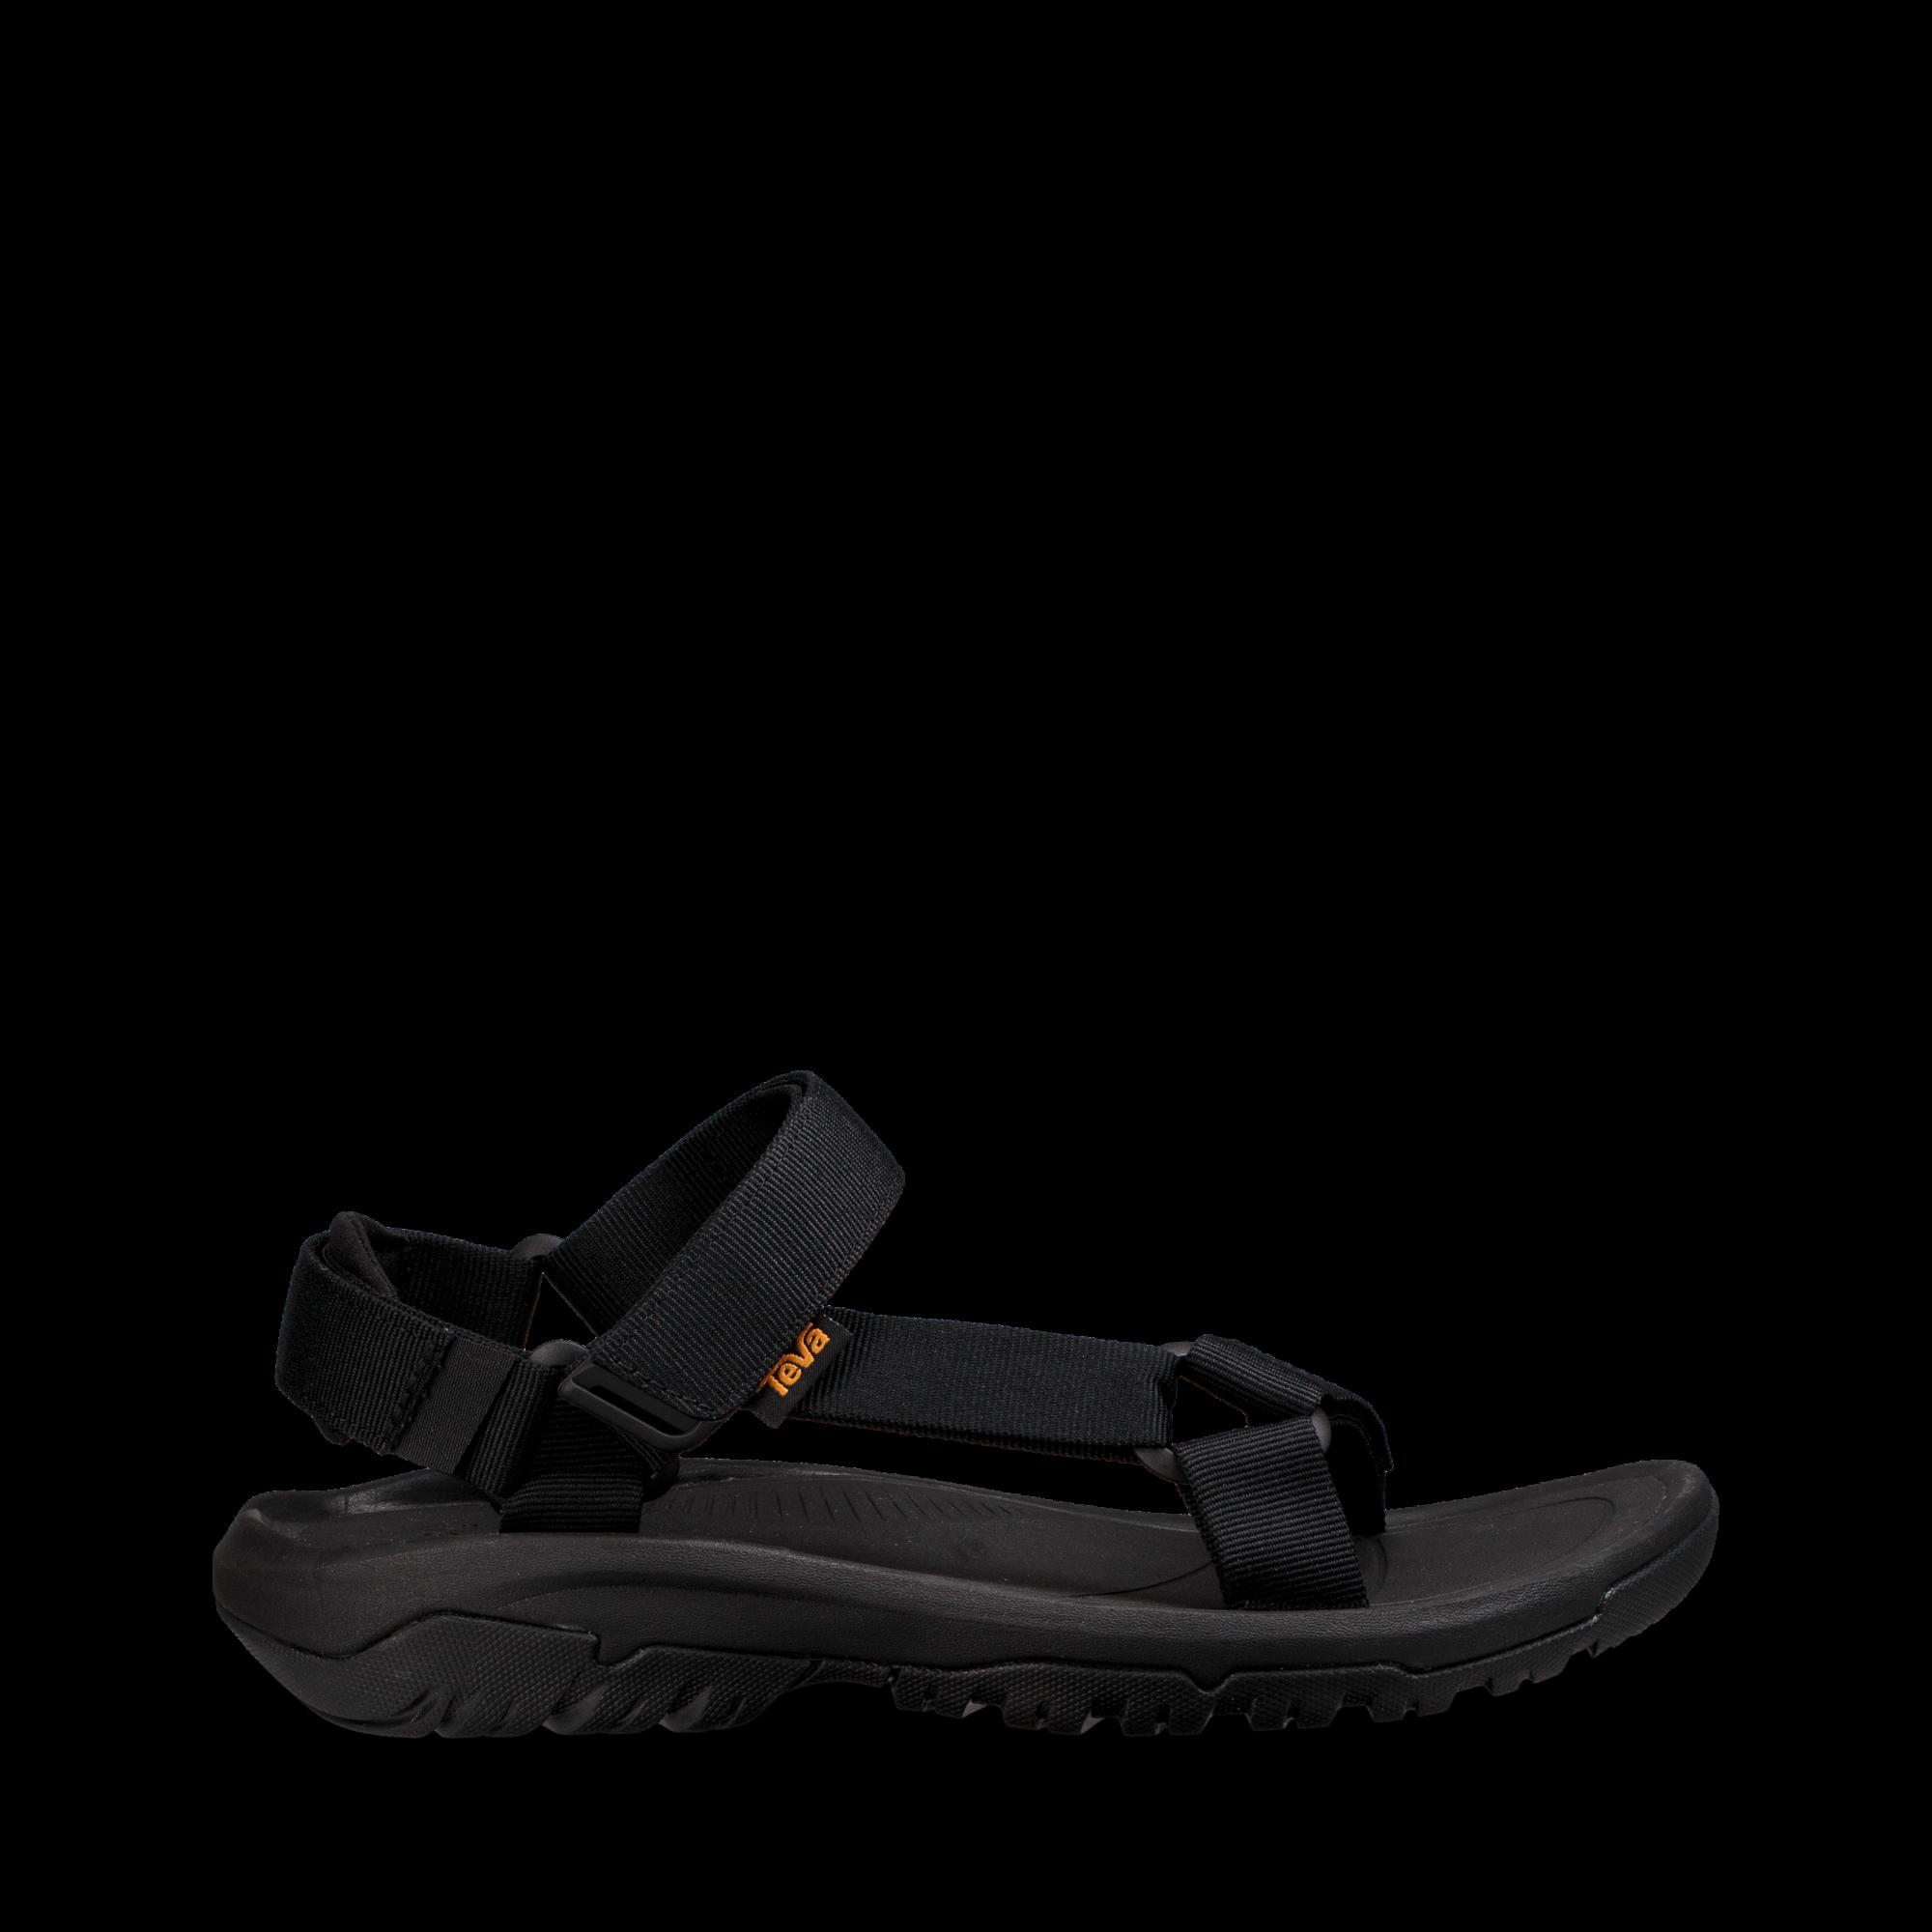 a9cf8175d87a Pánské sandály Teva